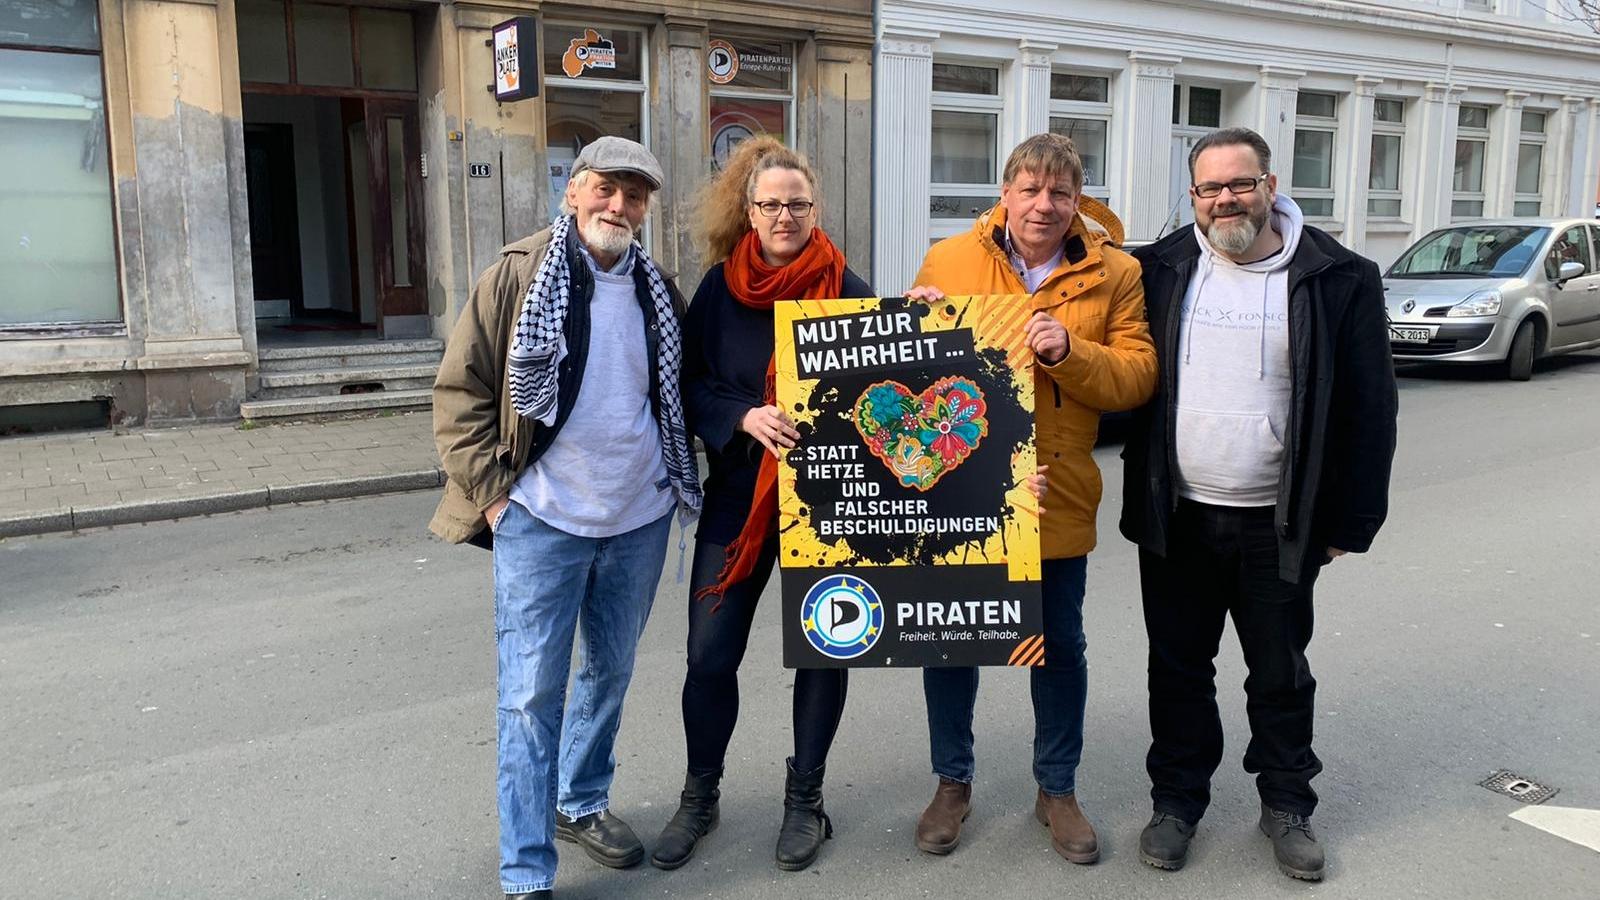 v.l.n.r: Werner Segschneider, Maria Bach, Roland Löpke, Stefan Borggraefe